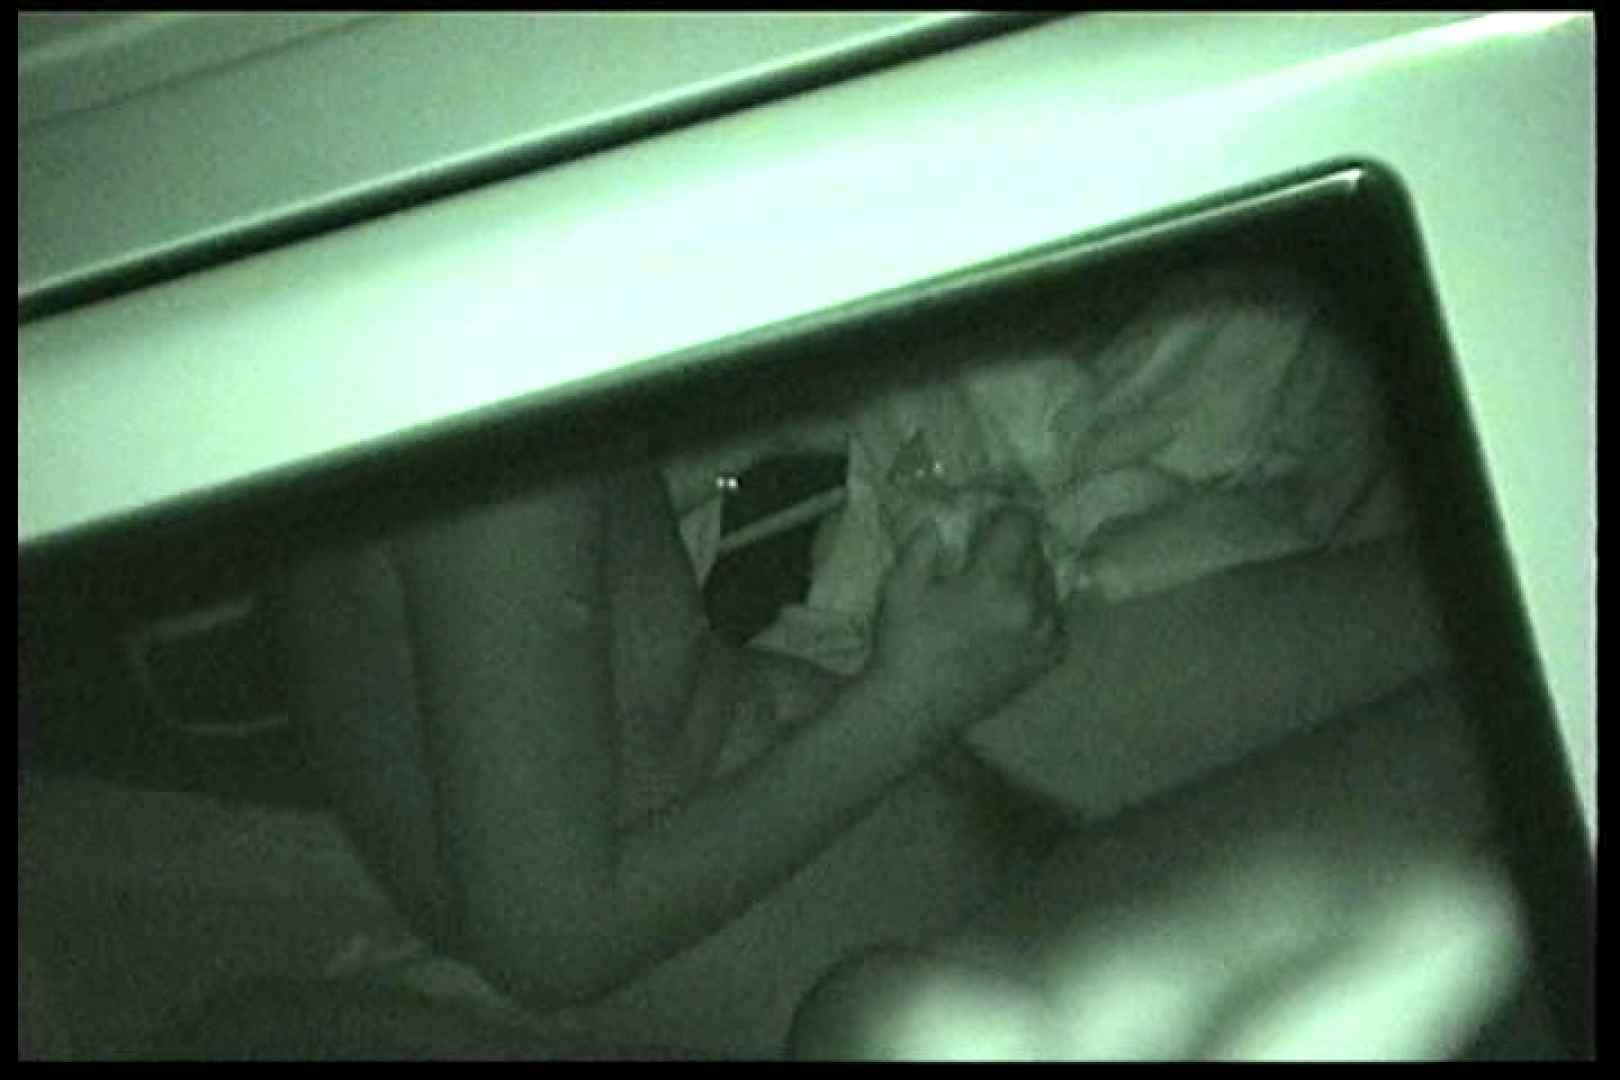 車の中はラブホテル 無修正版  Vol.13 ラブホテル 盗み撮り動画キャプチャ 65PIX 29